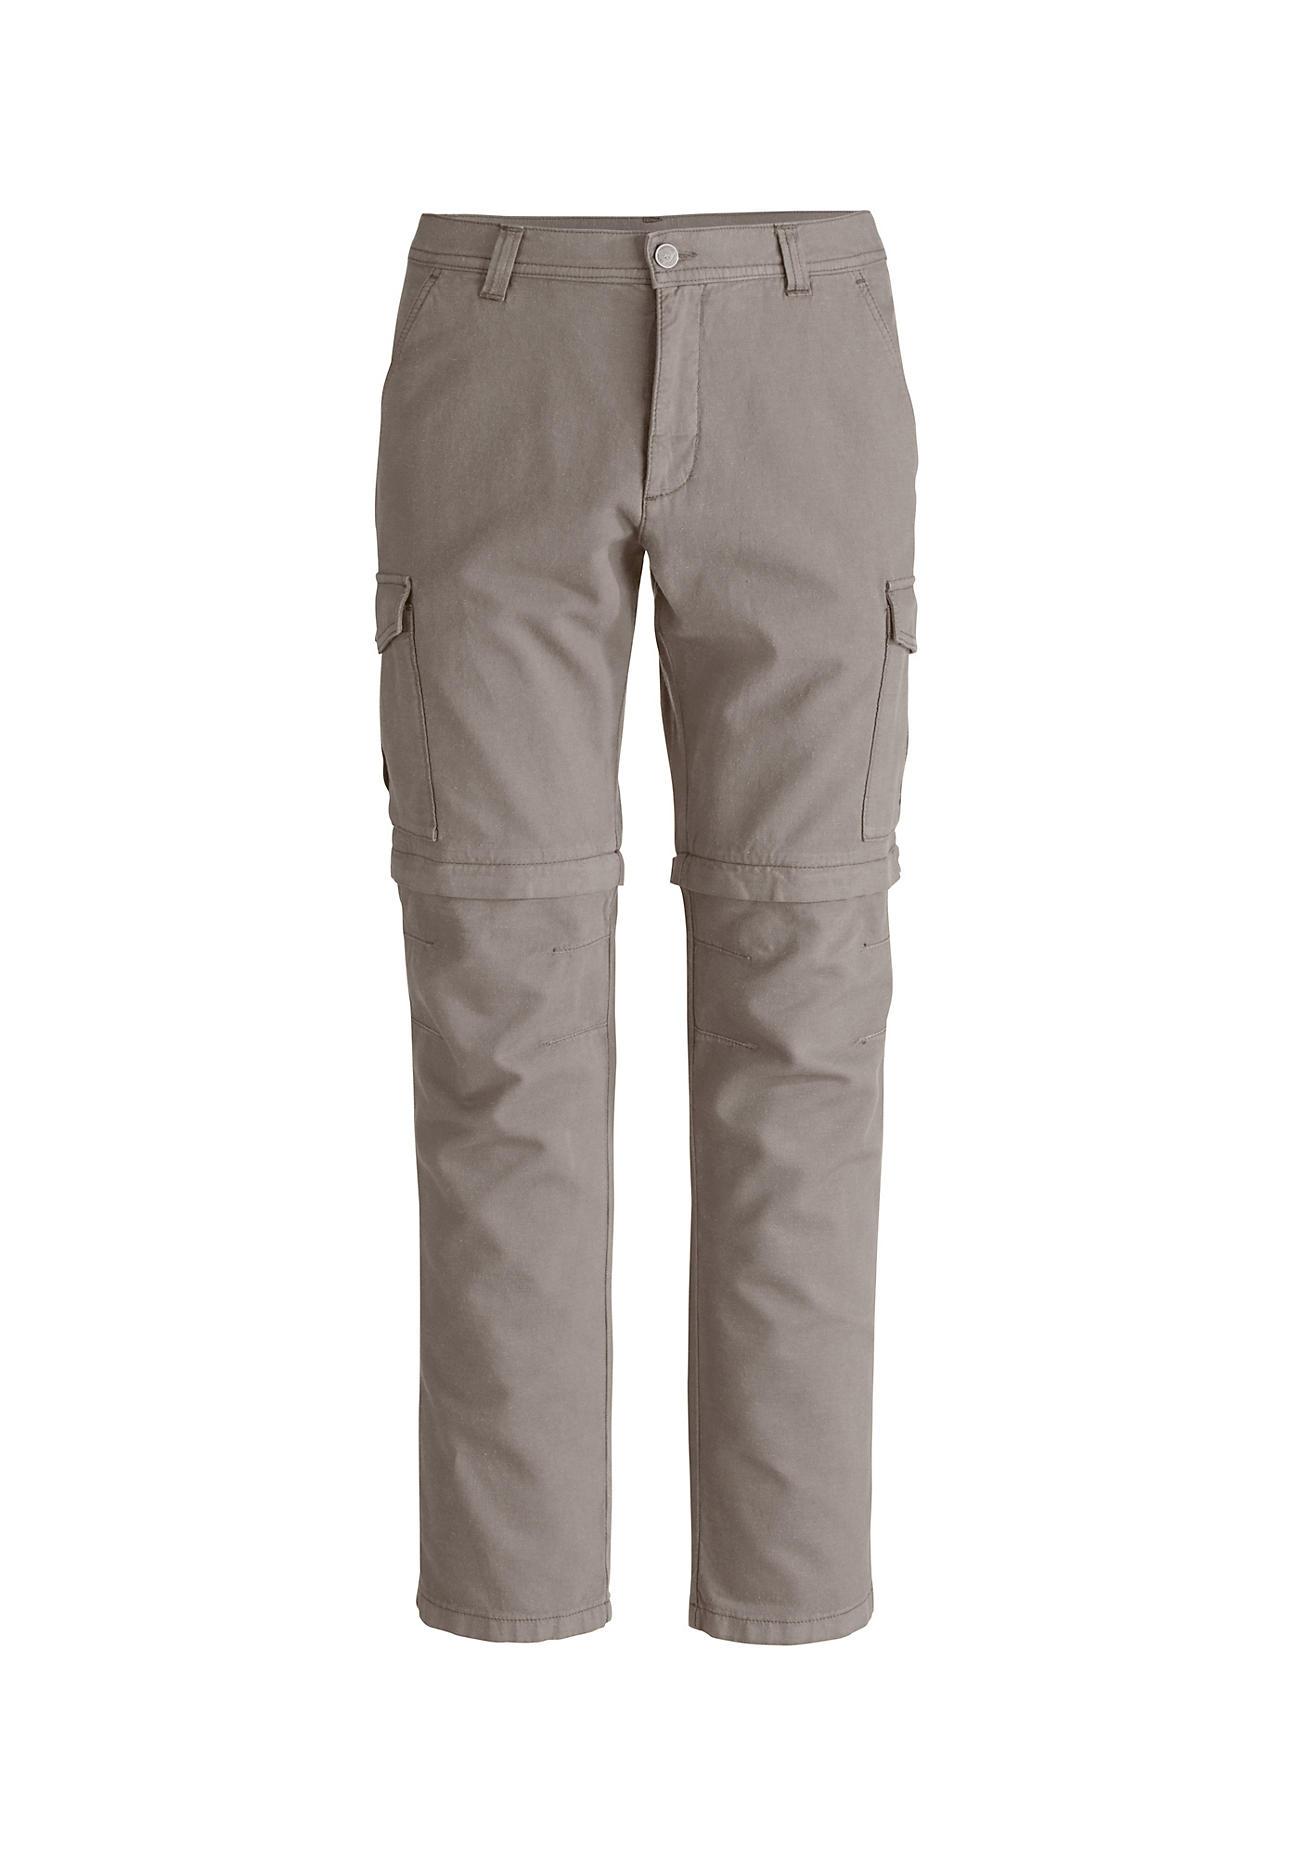 hessnatur Herren-Outdoor Herren Cargohose aus Bio-Baumwolle mit Leinen – grau – Größe 56 | Bekleidung > Hosen > Cargohosen | Steingrau | Baumwolle - Leinen | hessnatur